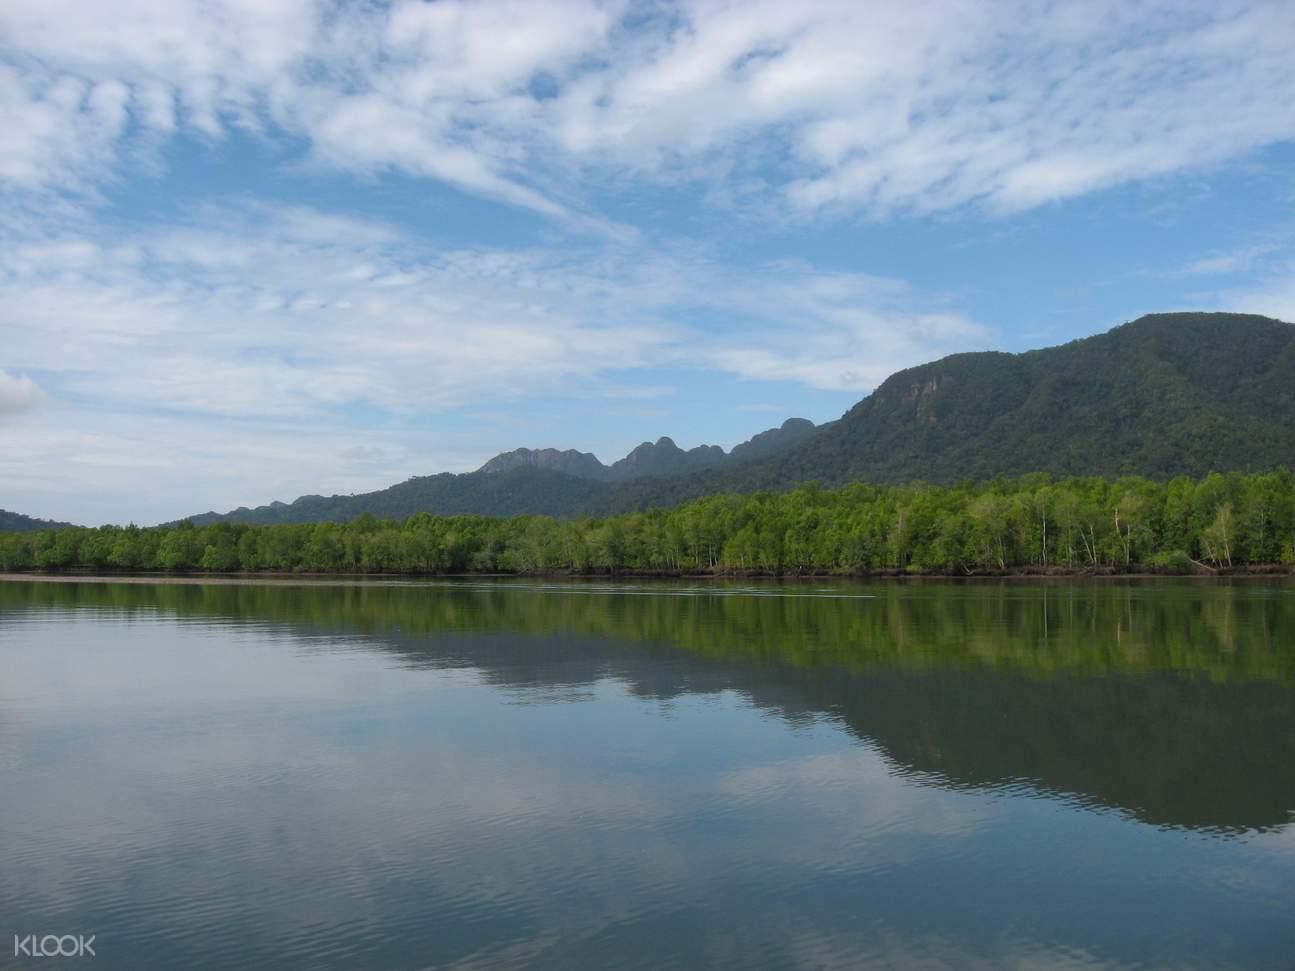 兰卡威皮划艇,兰卡威红树林,兰卡威户外,兰卡威探险,兰卡威户外活动,兰卡威红树林探险